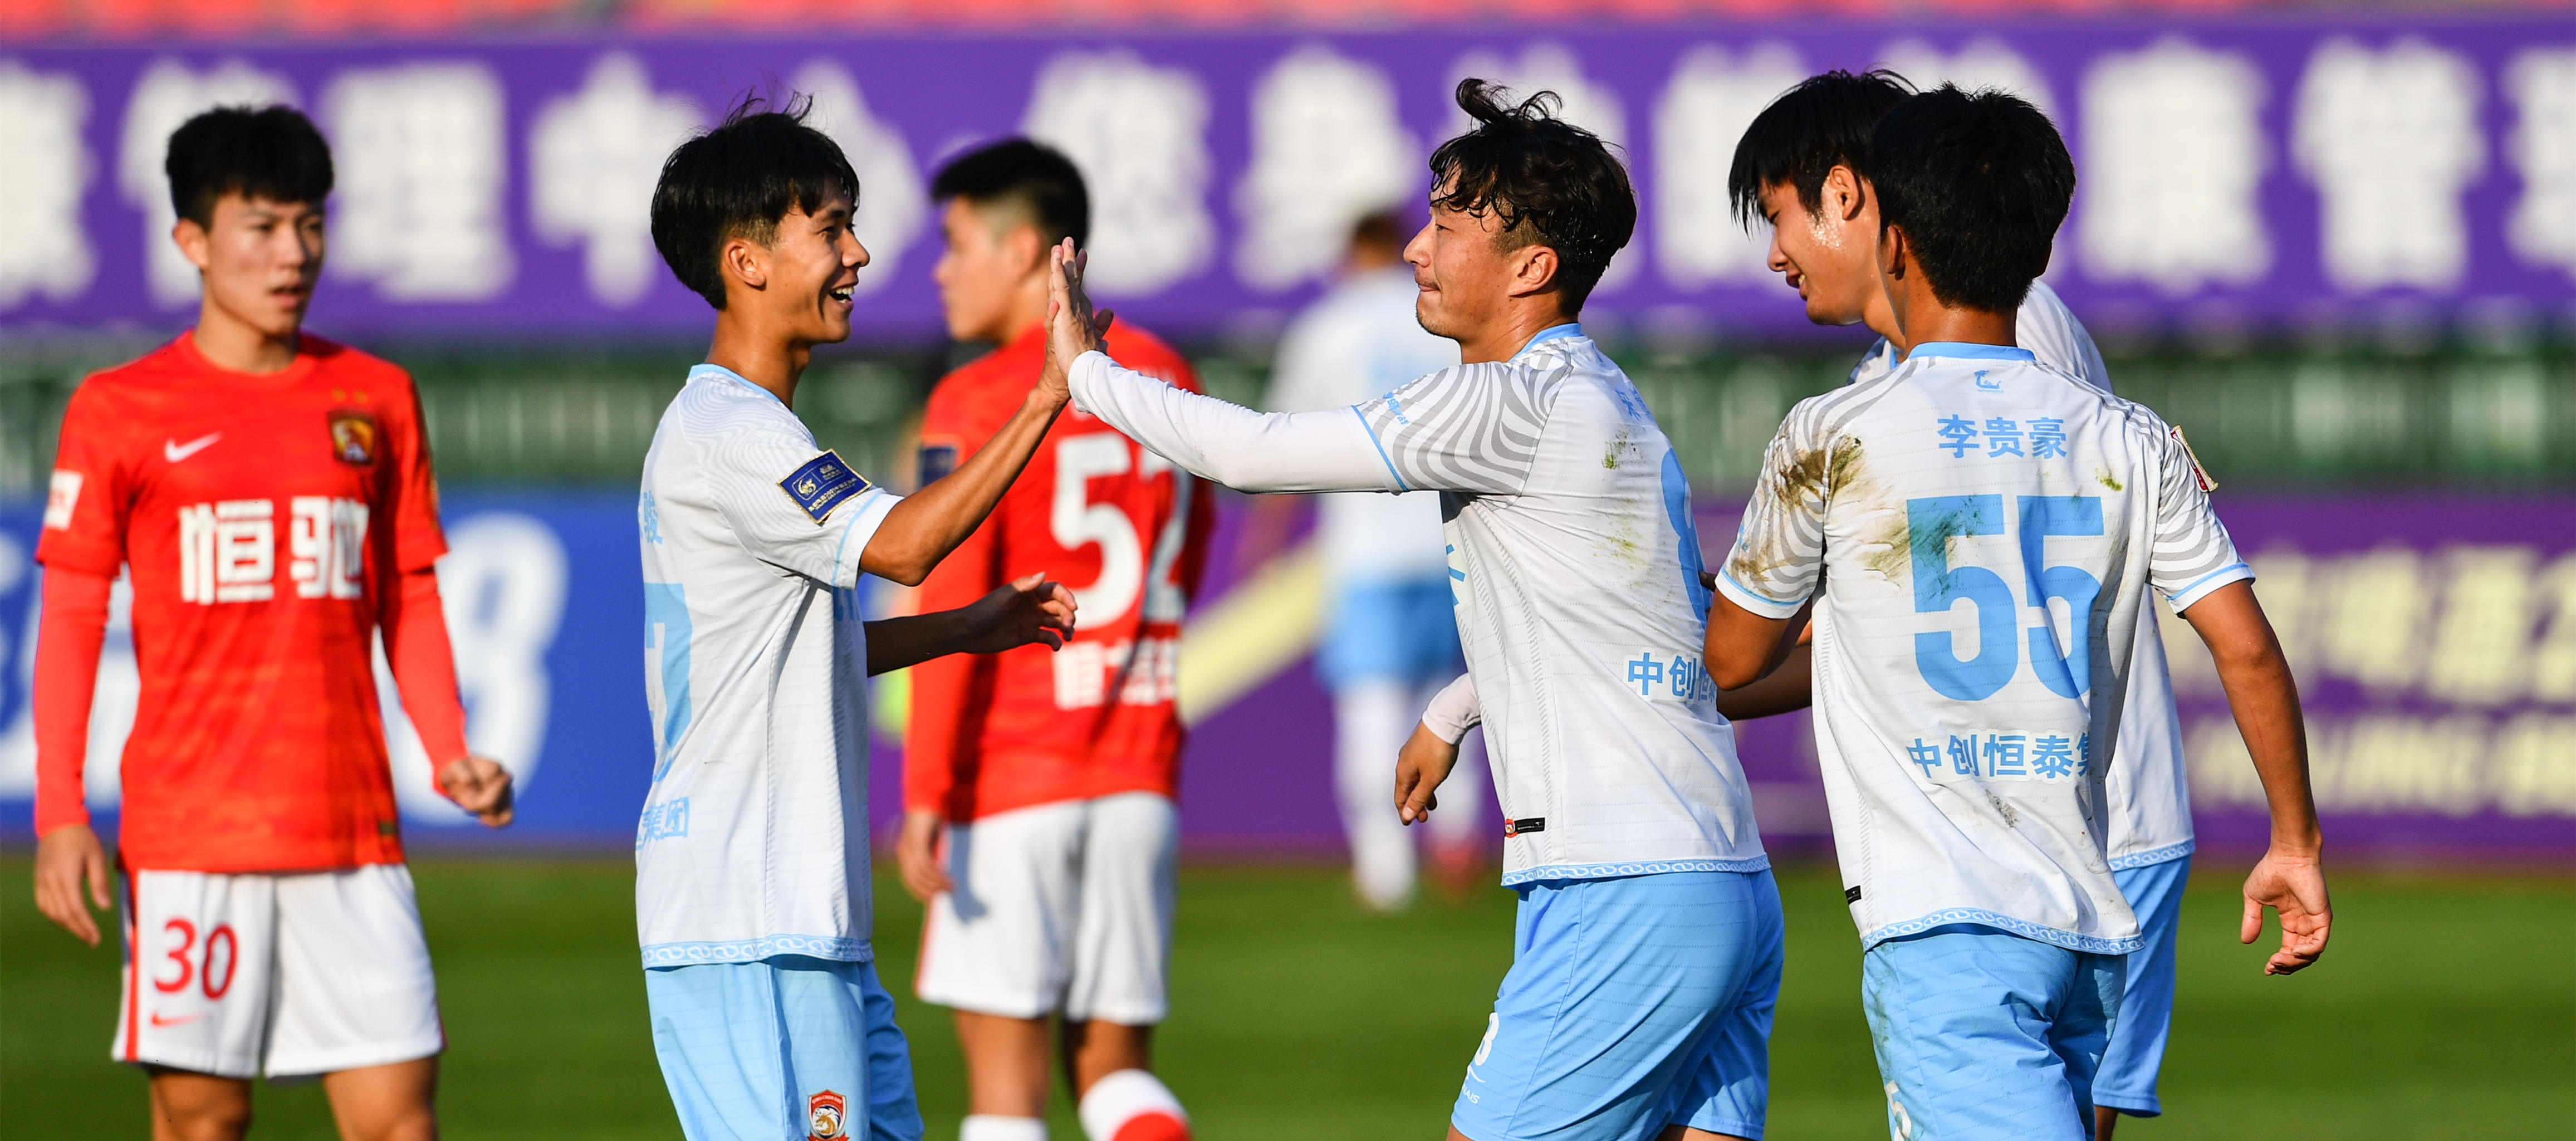 足協杯:青島青春島勝廣州隊